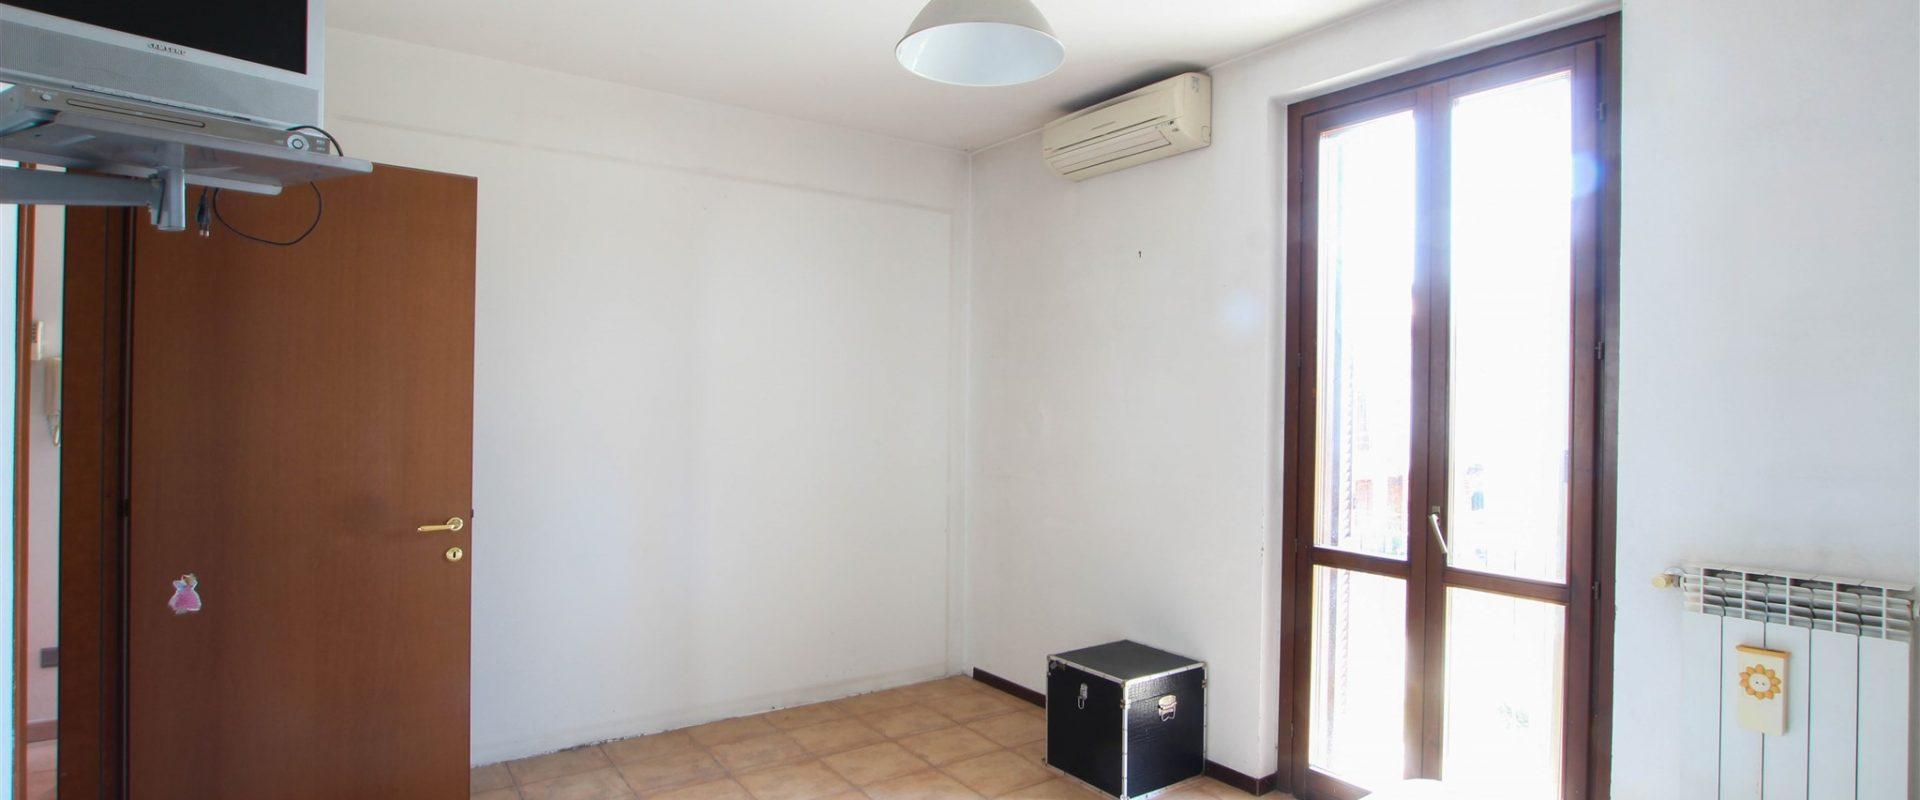 Trilocale termoautonomo a Cameri